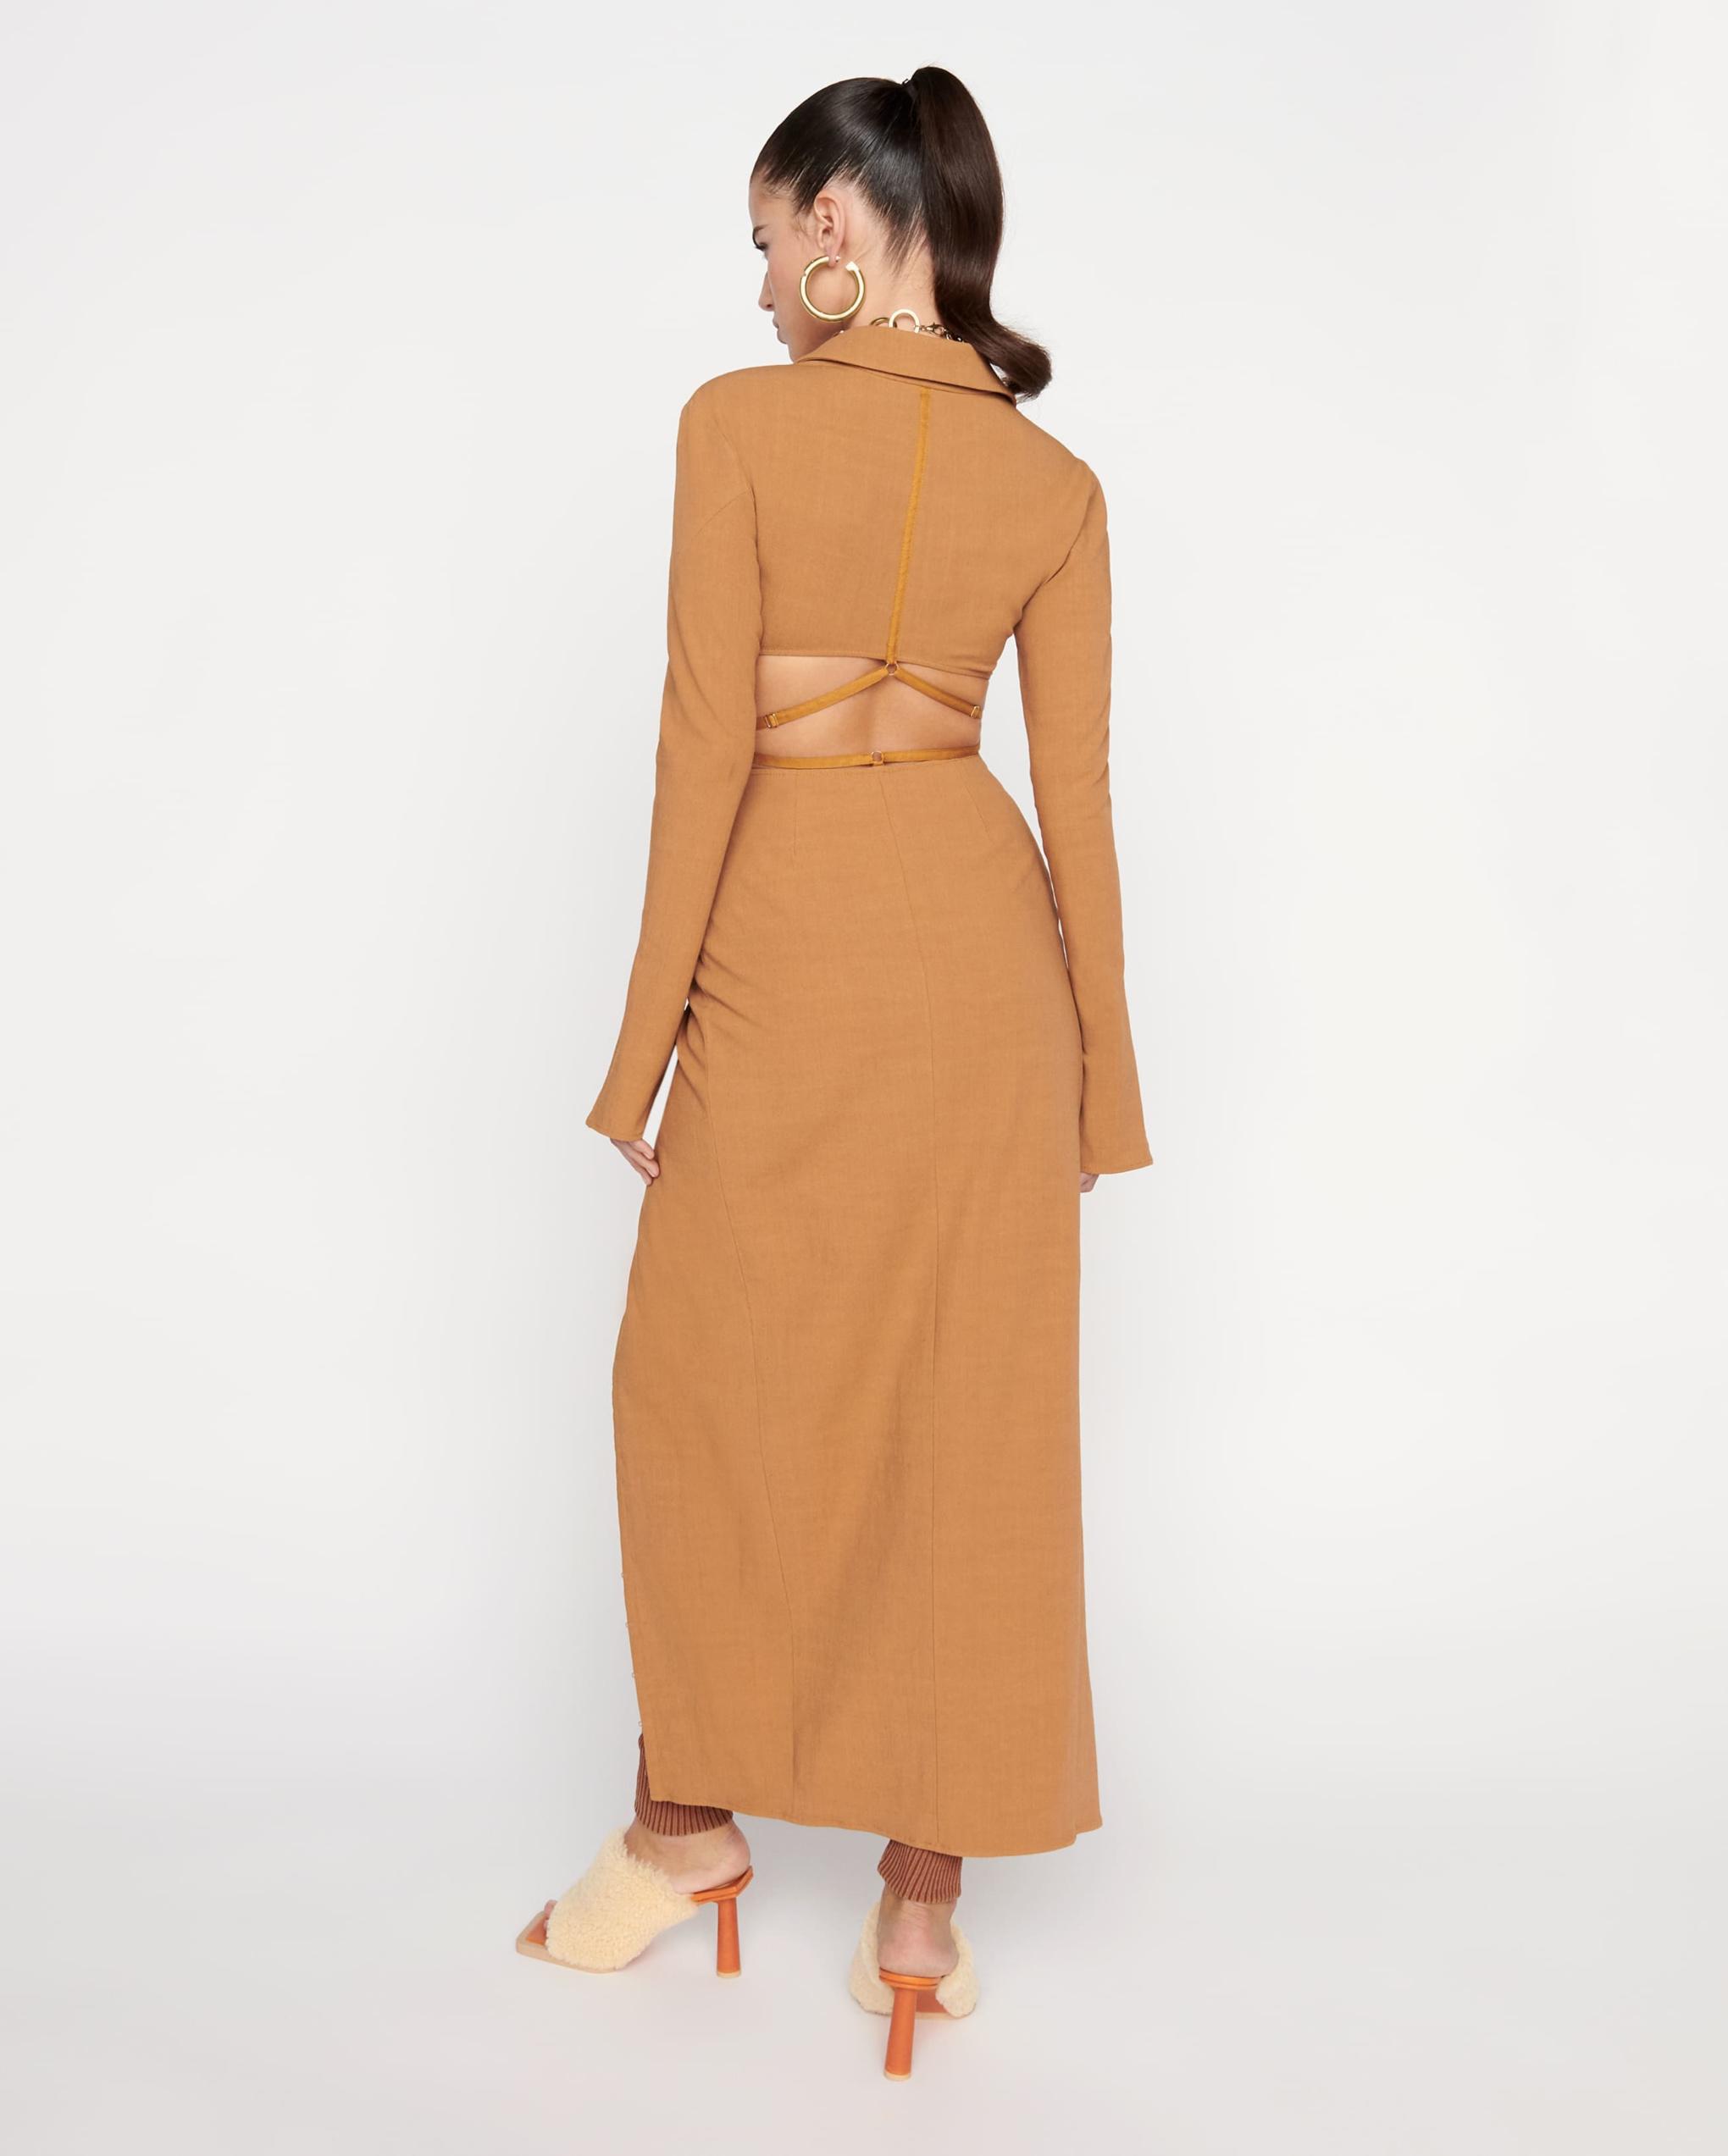 La robe Obiou